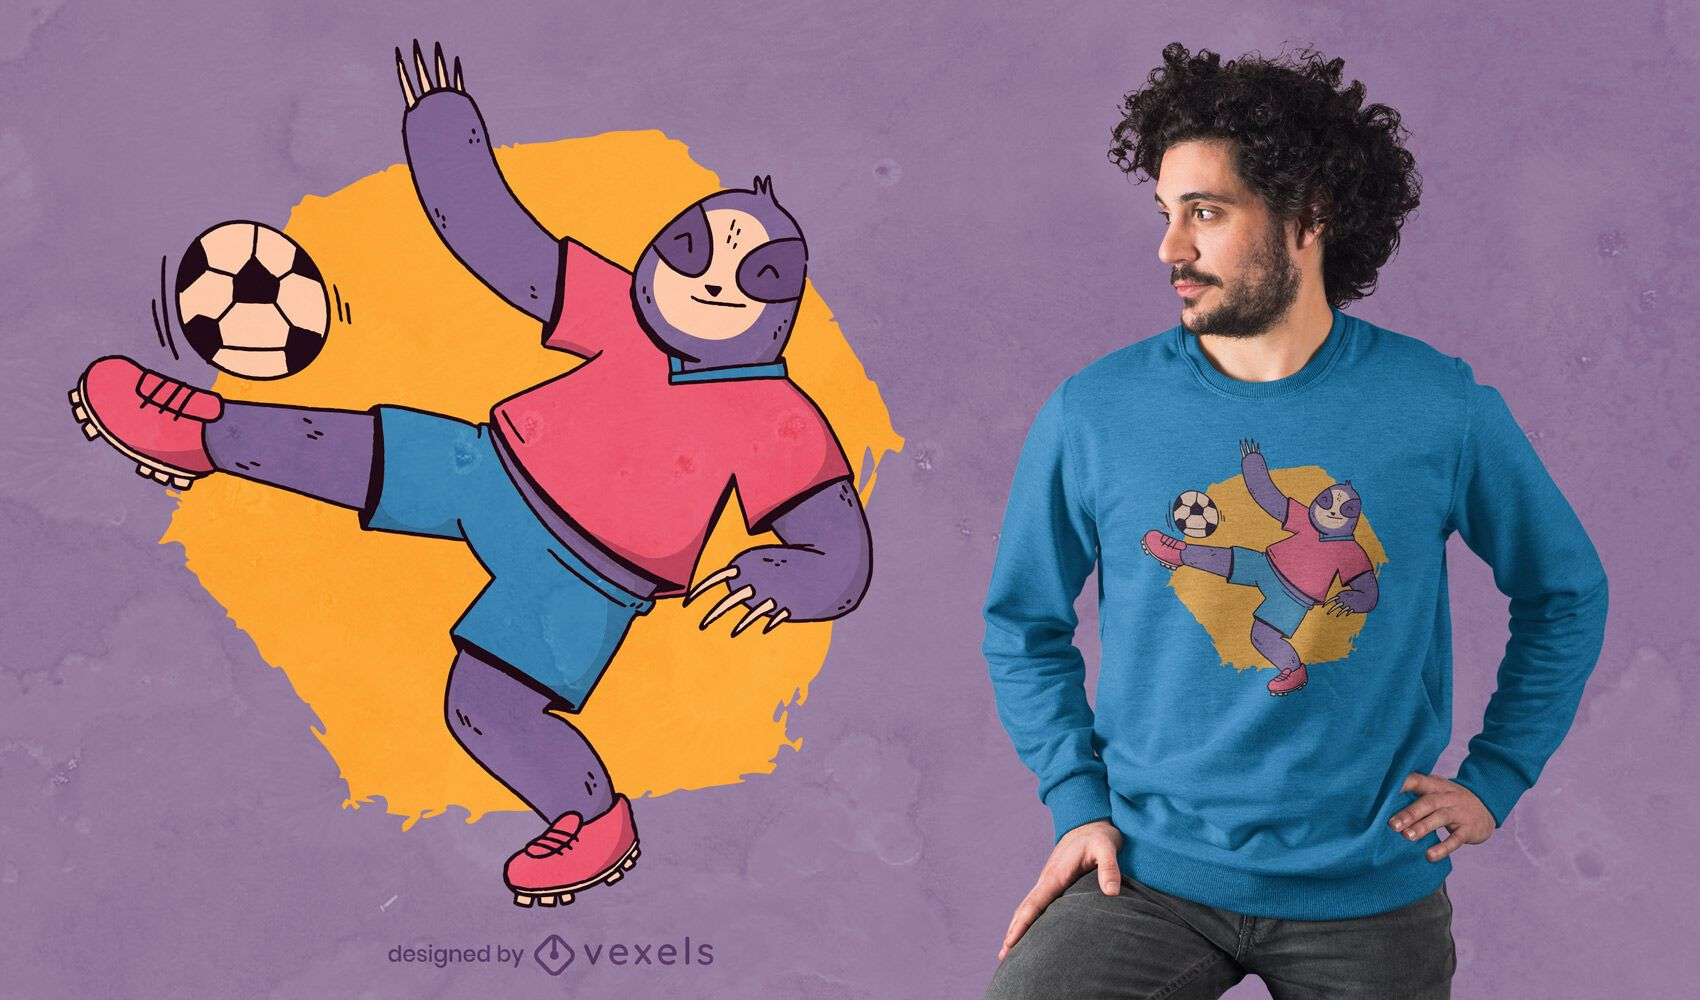 Diseño de camiseta de perezoso jugando al fútbol.